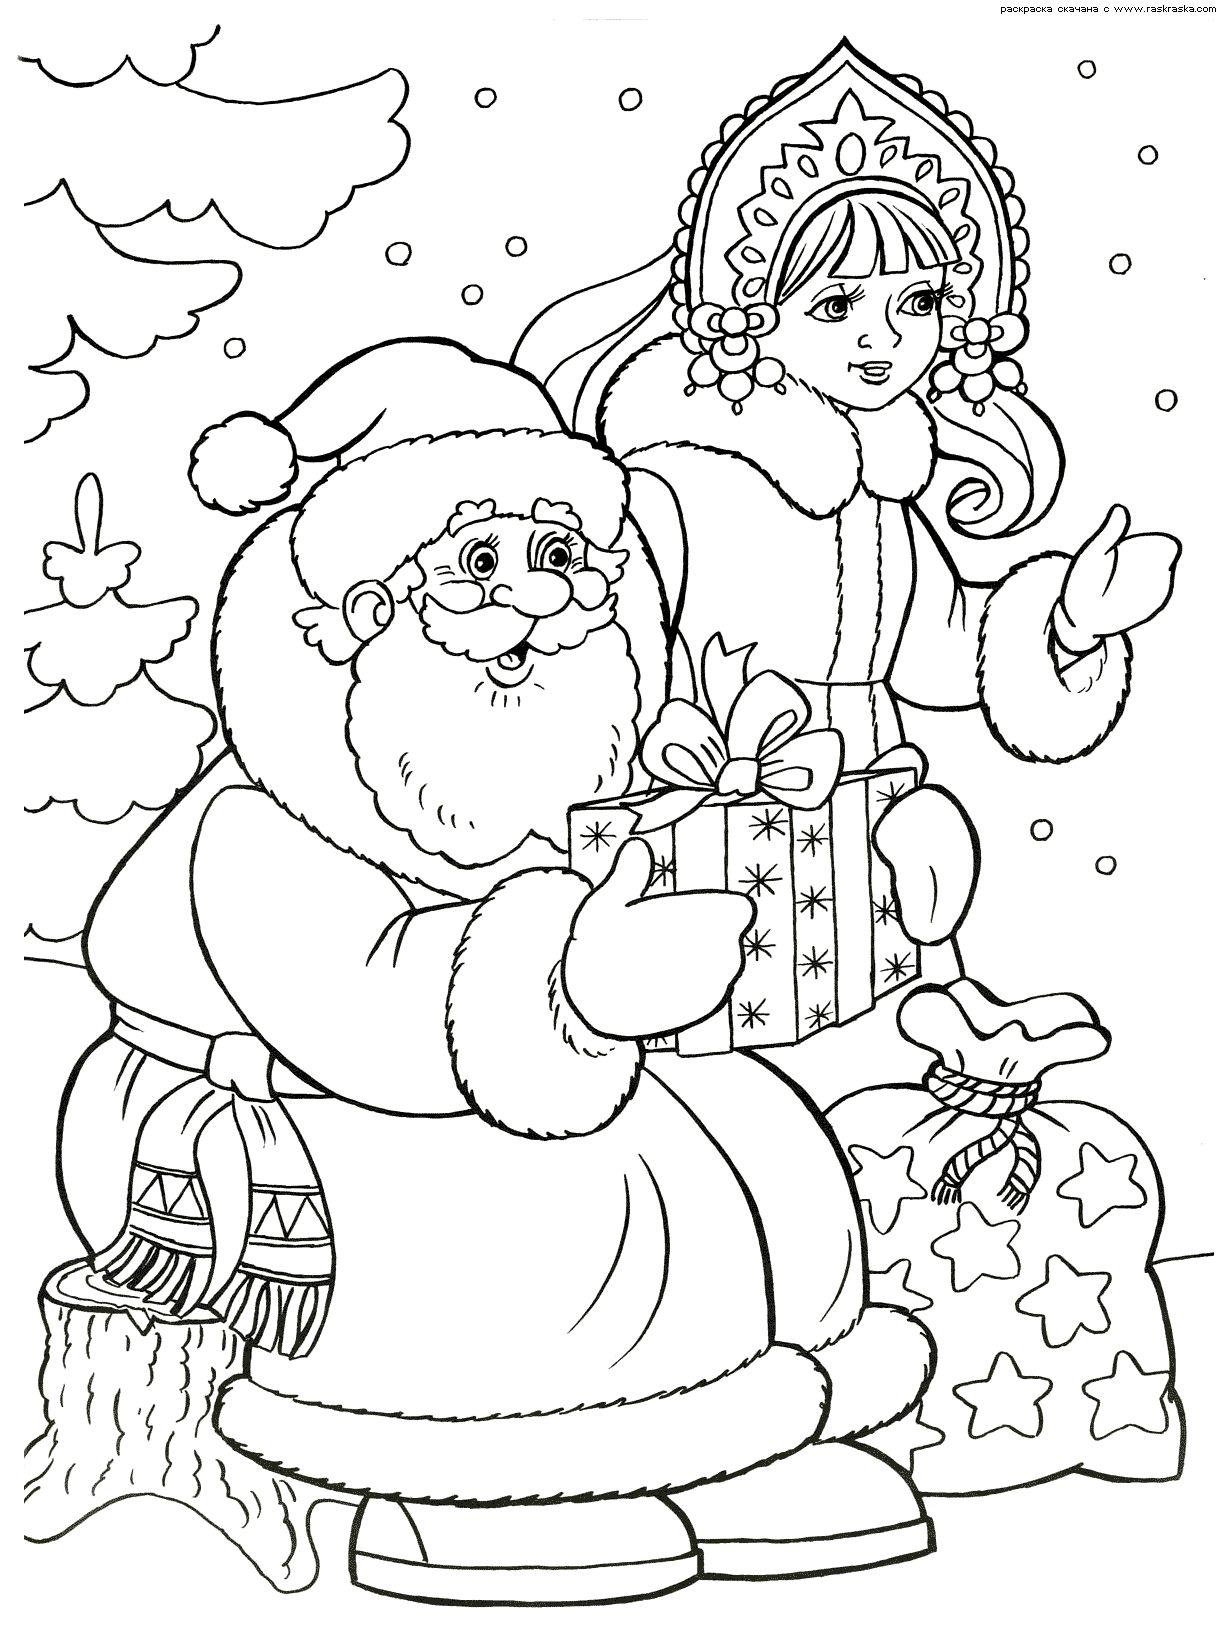 Раскраски на новый год дед мороз и